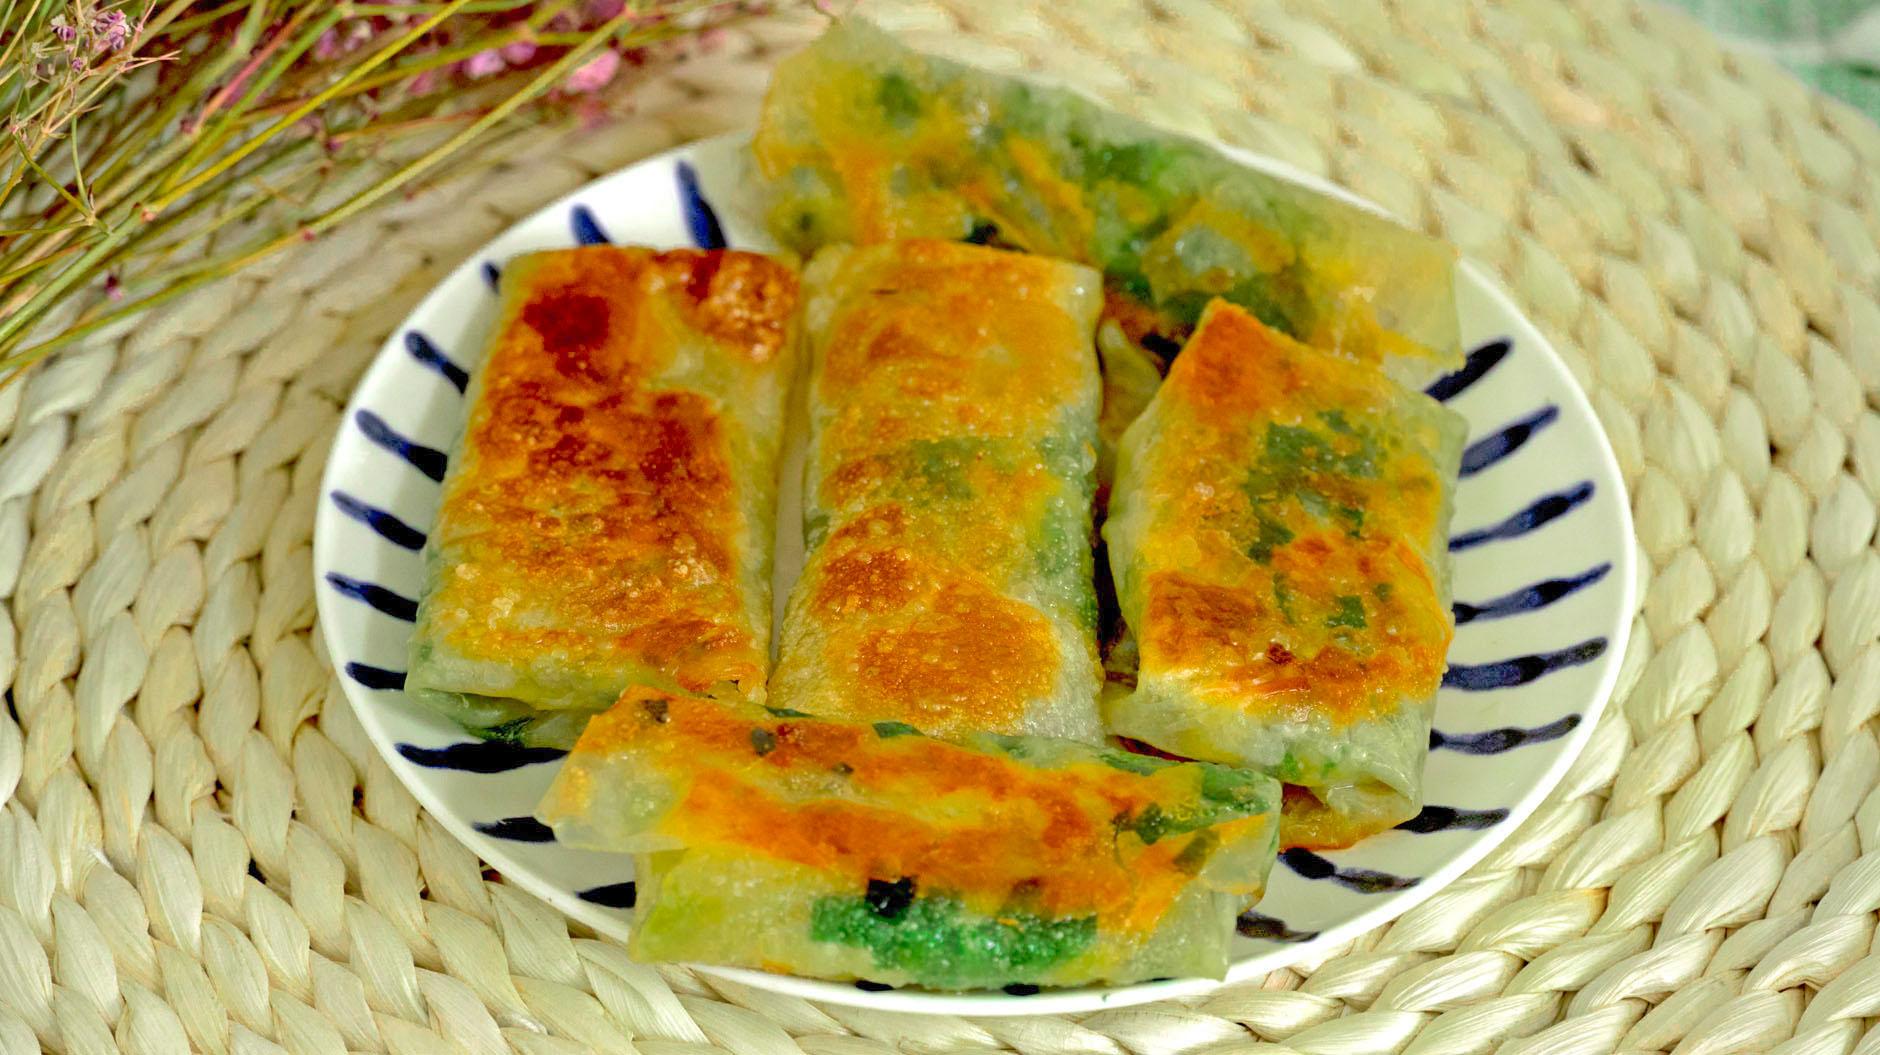 早餐别吃包子馒头了,1块钱饺子皮,教你5种吃法,做法简单又解馋 美食做法 第19张